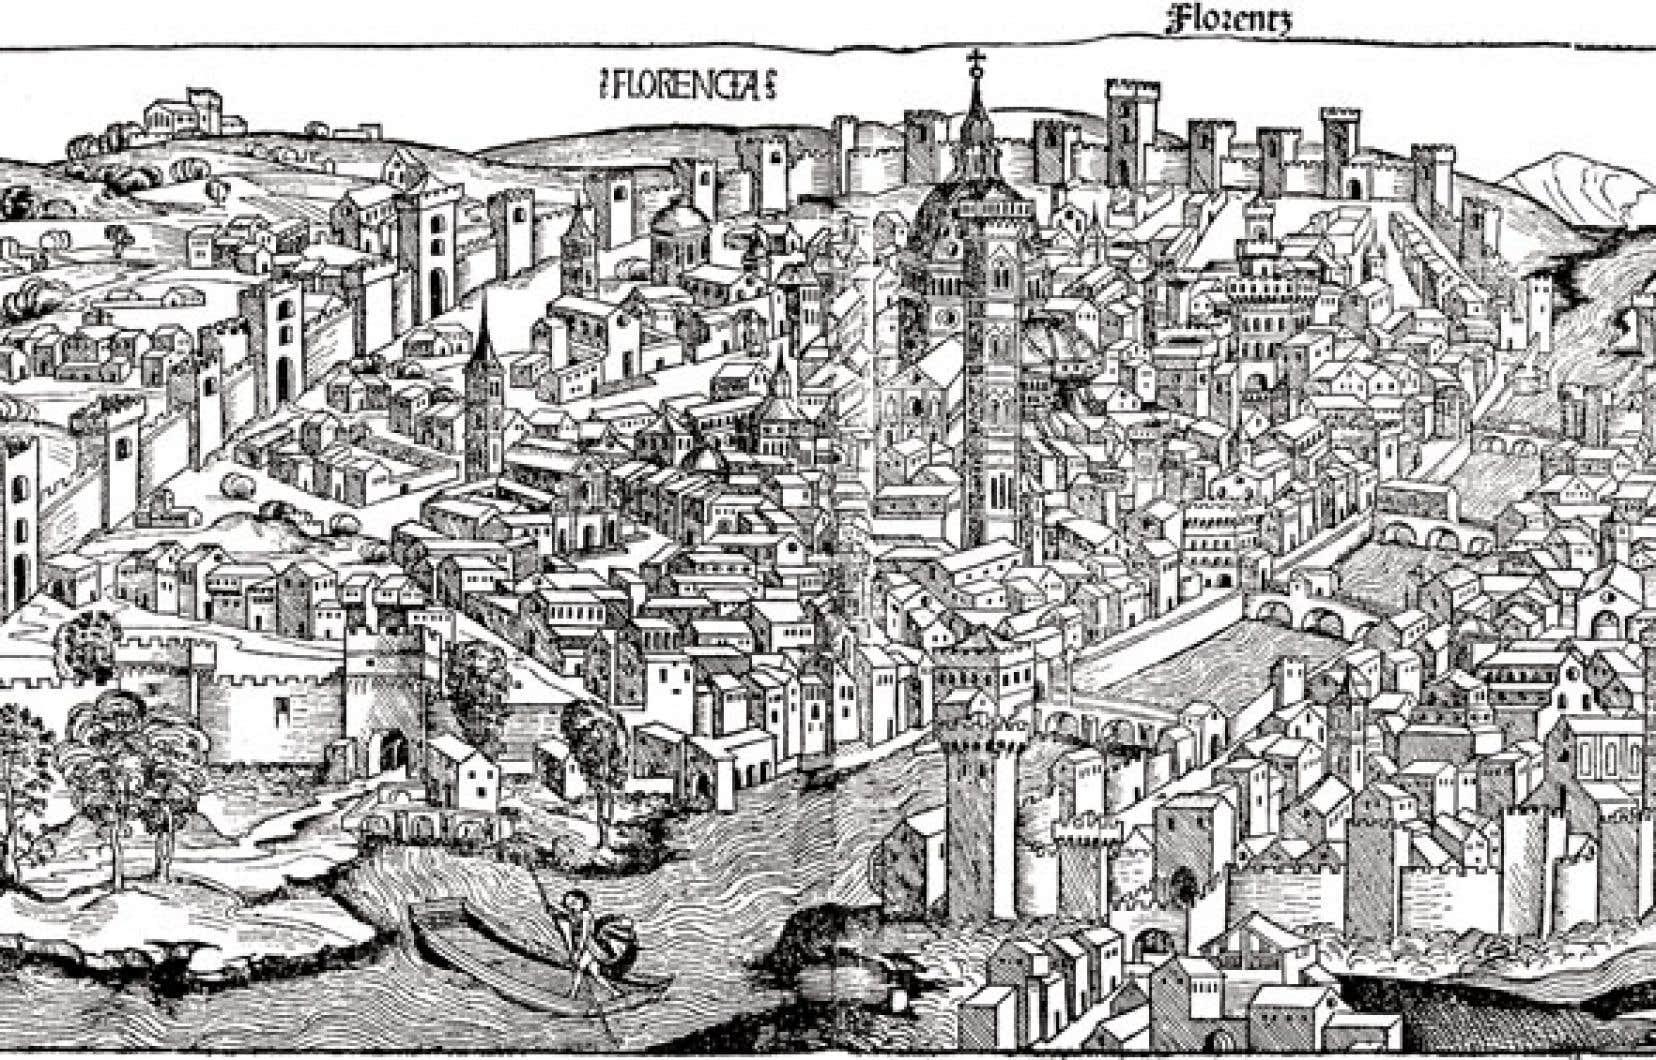 Vue sur la ville de Florence, approximativement vers 1493. Auteur inconnu.